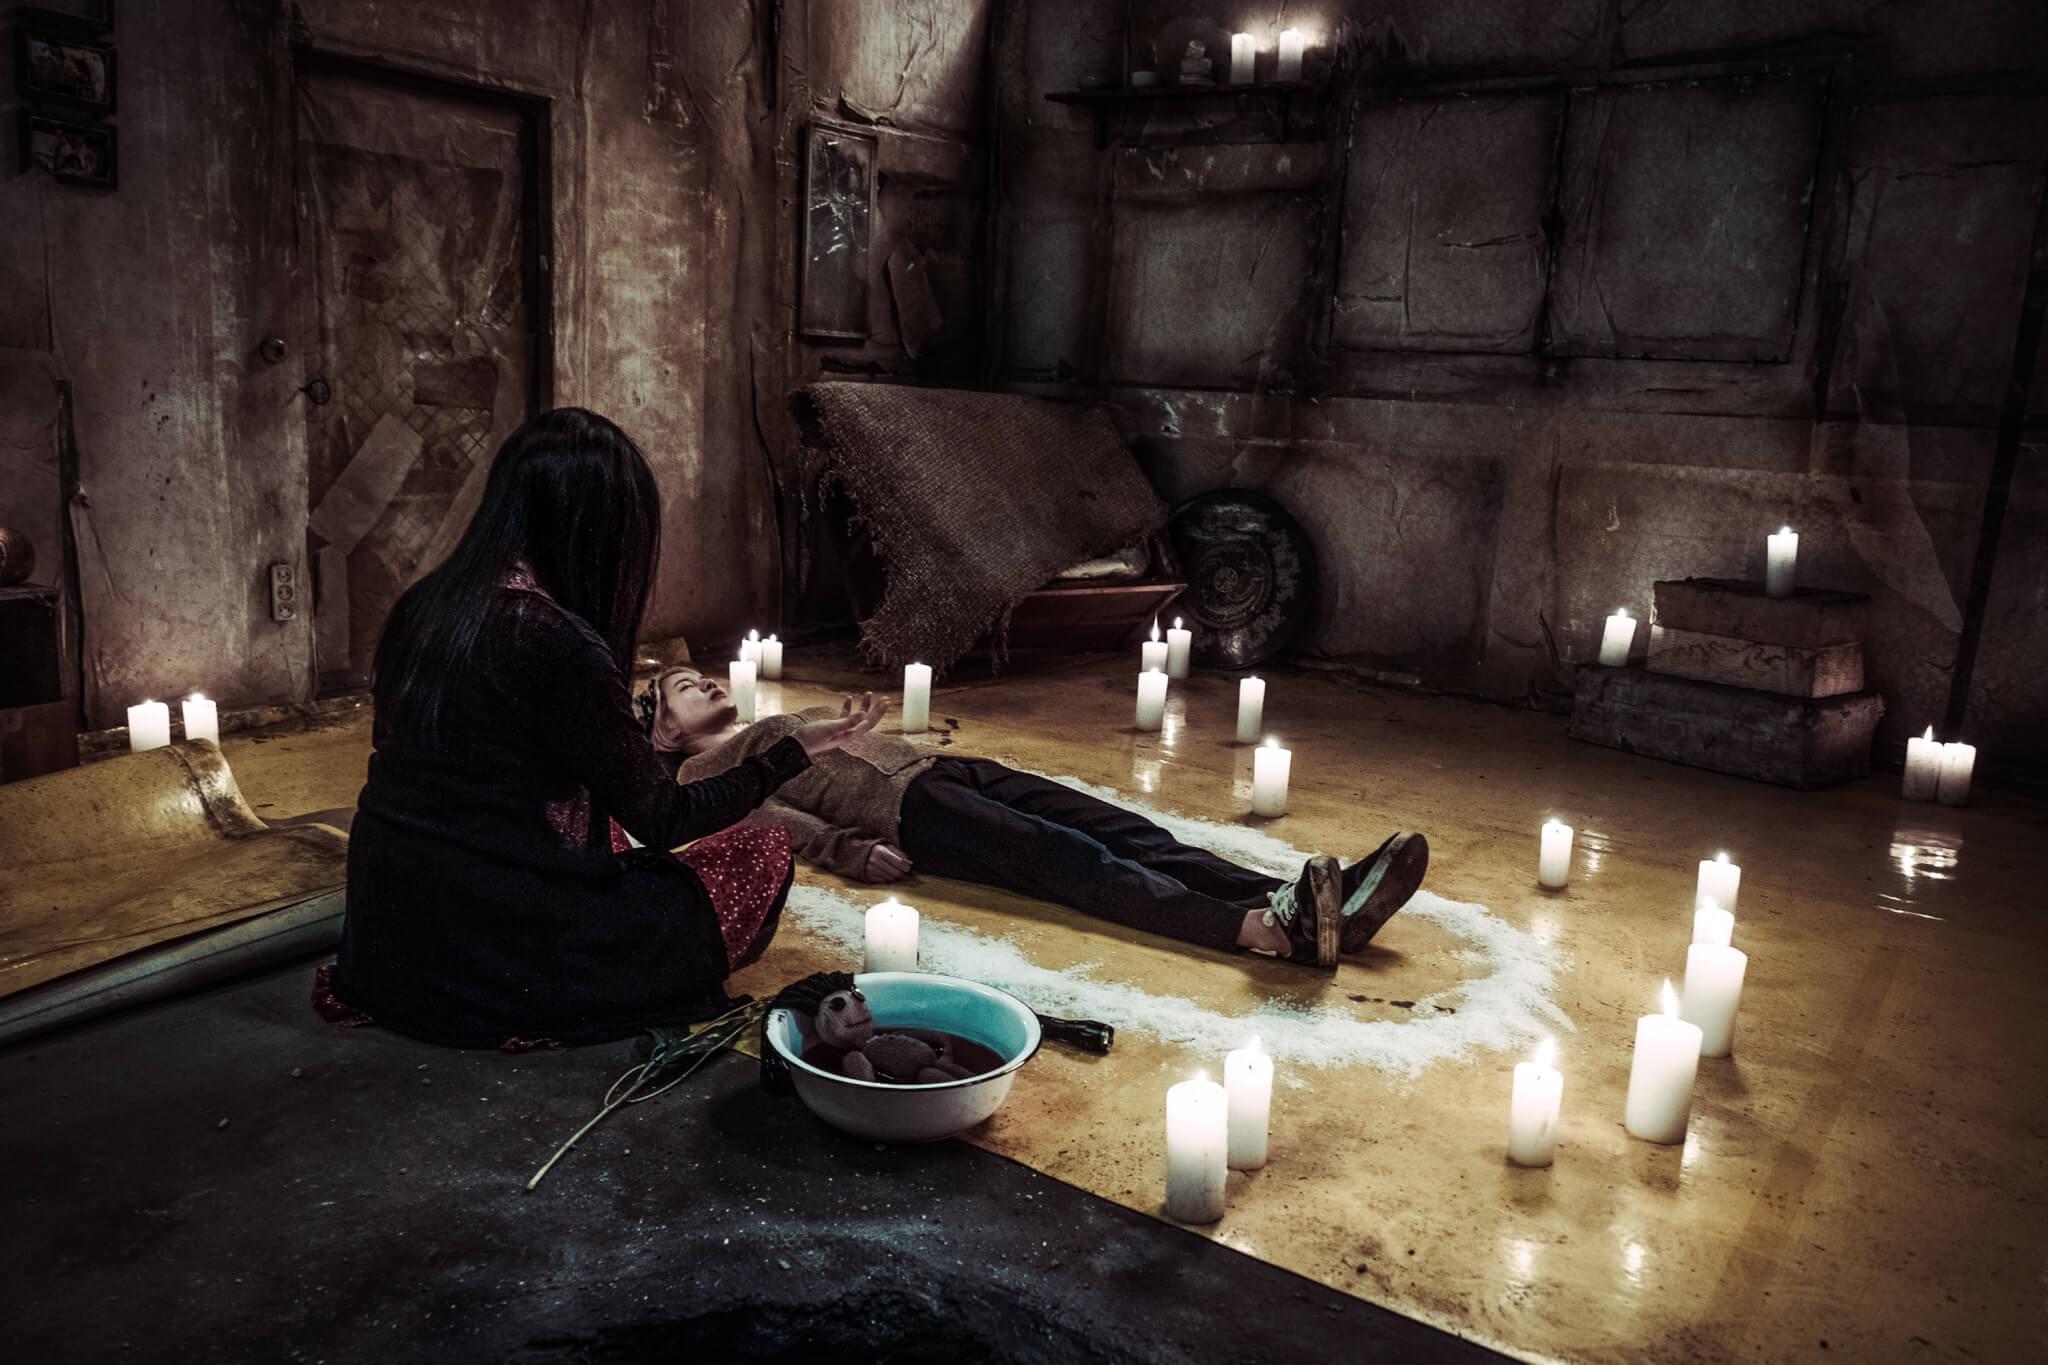 戲中施展巫術的場面,是恩地親自拜師學藝的成果。